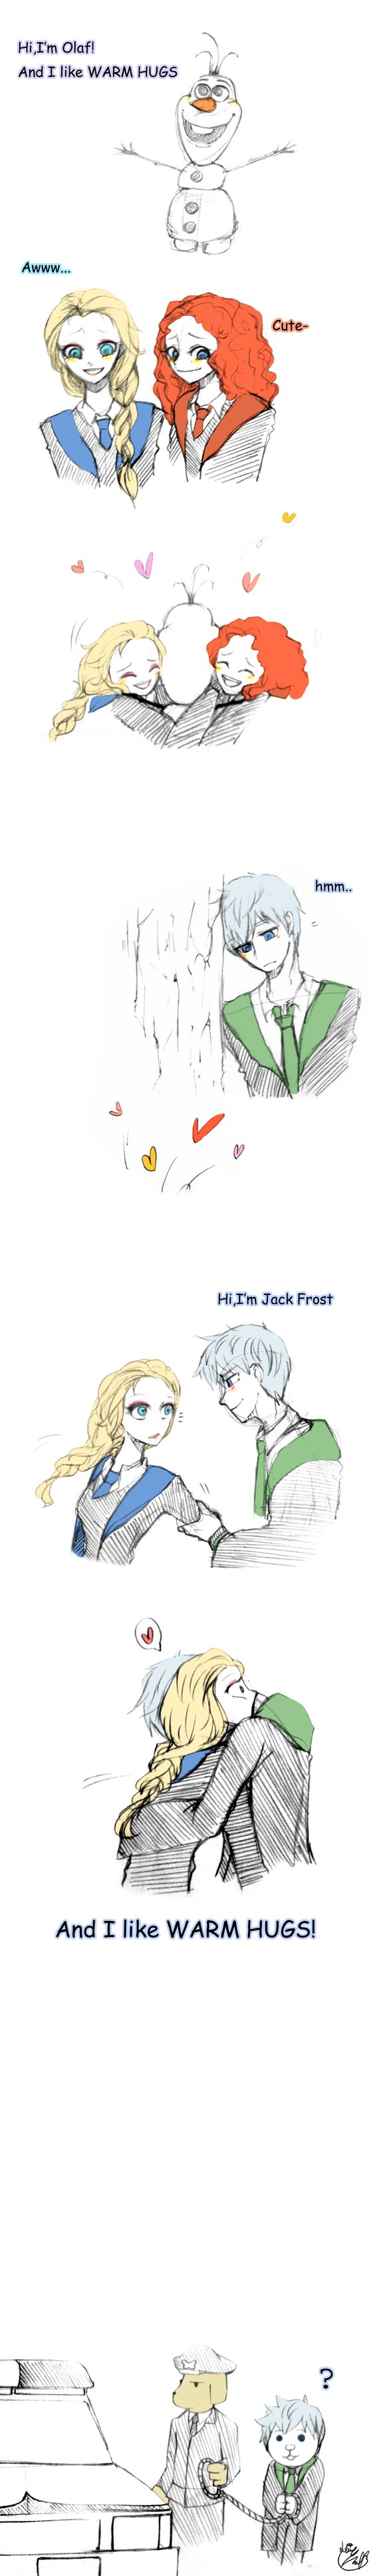 Kkkkkk Jack Frost